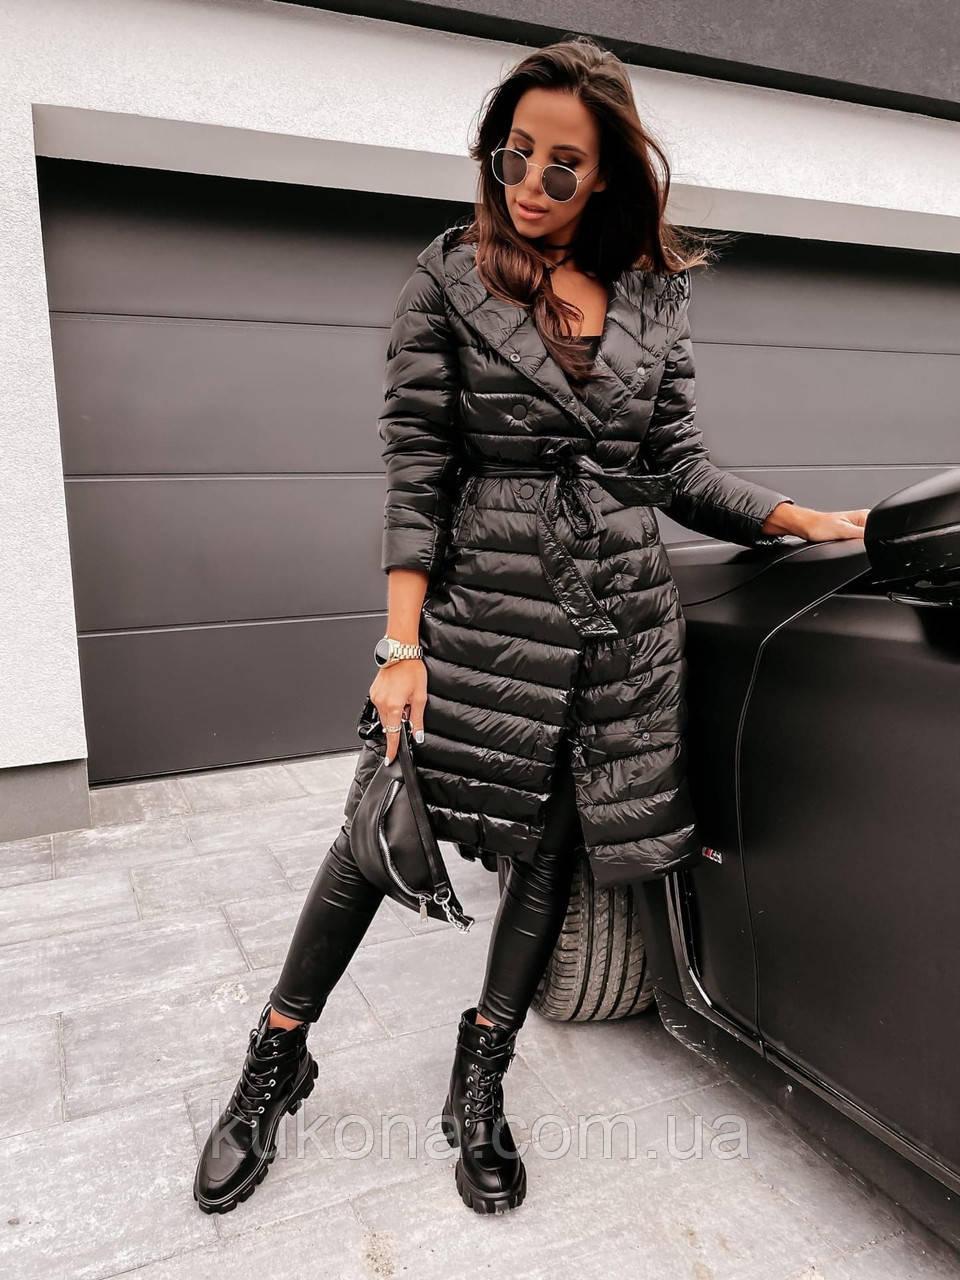 Пальто женское из плащевки; Размер: S, M, L, XL; Цвет : черный, зеленый